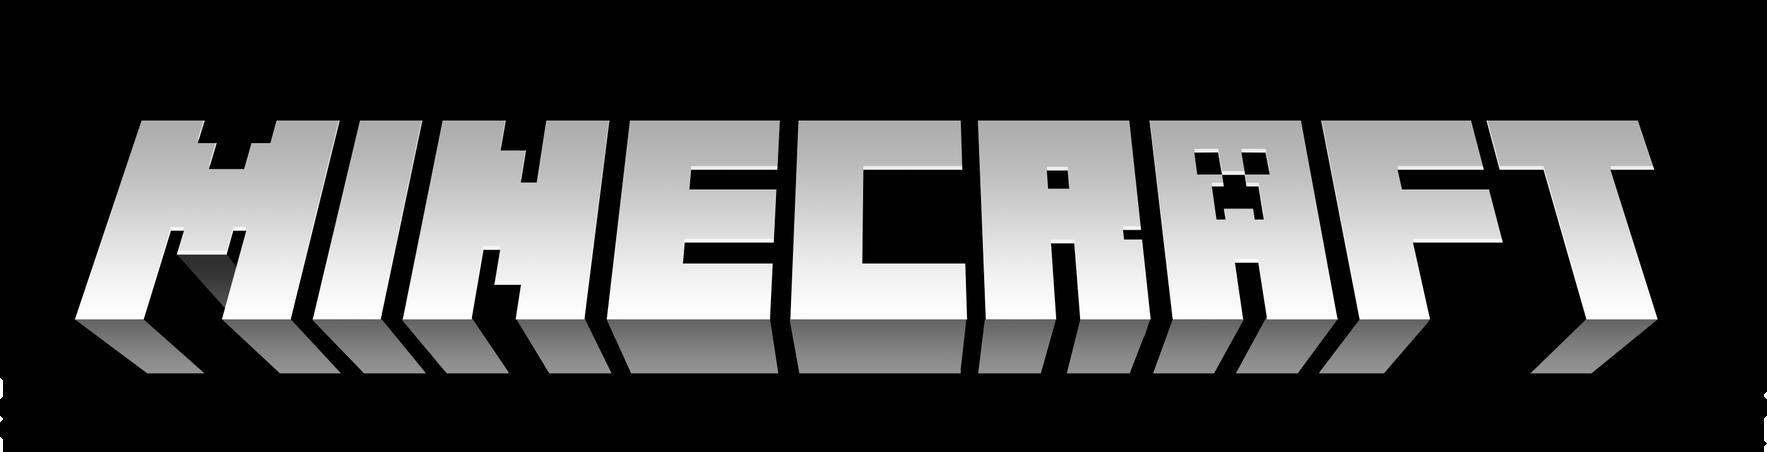 minecraft hd logo by nuryrush on deviantart